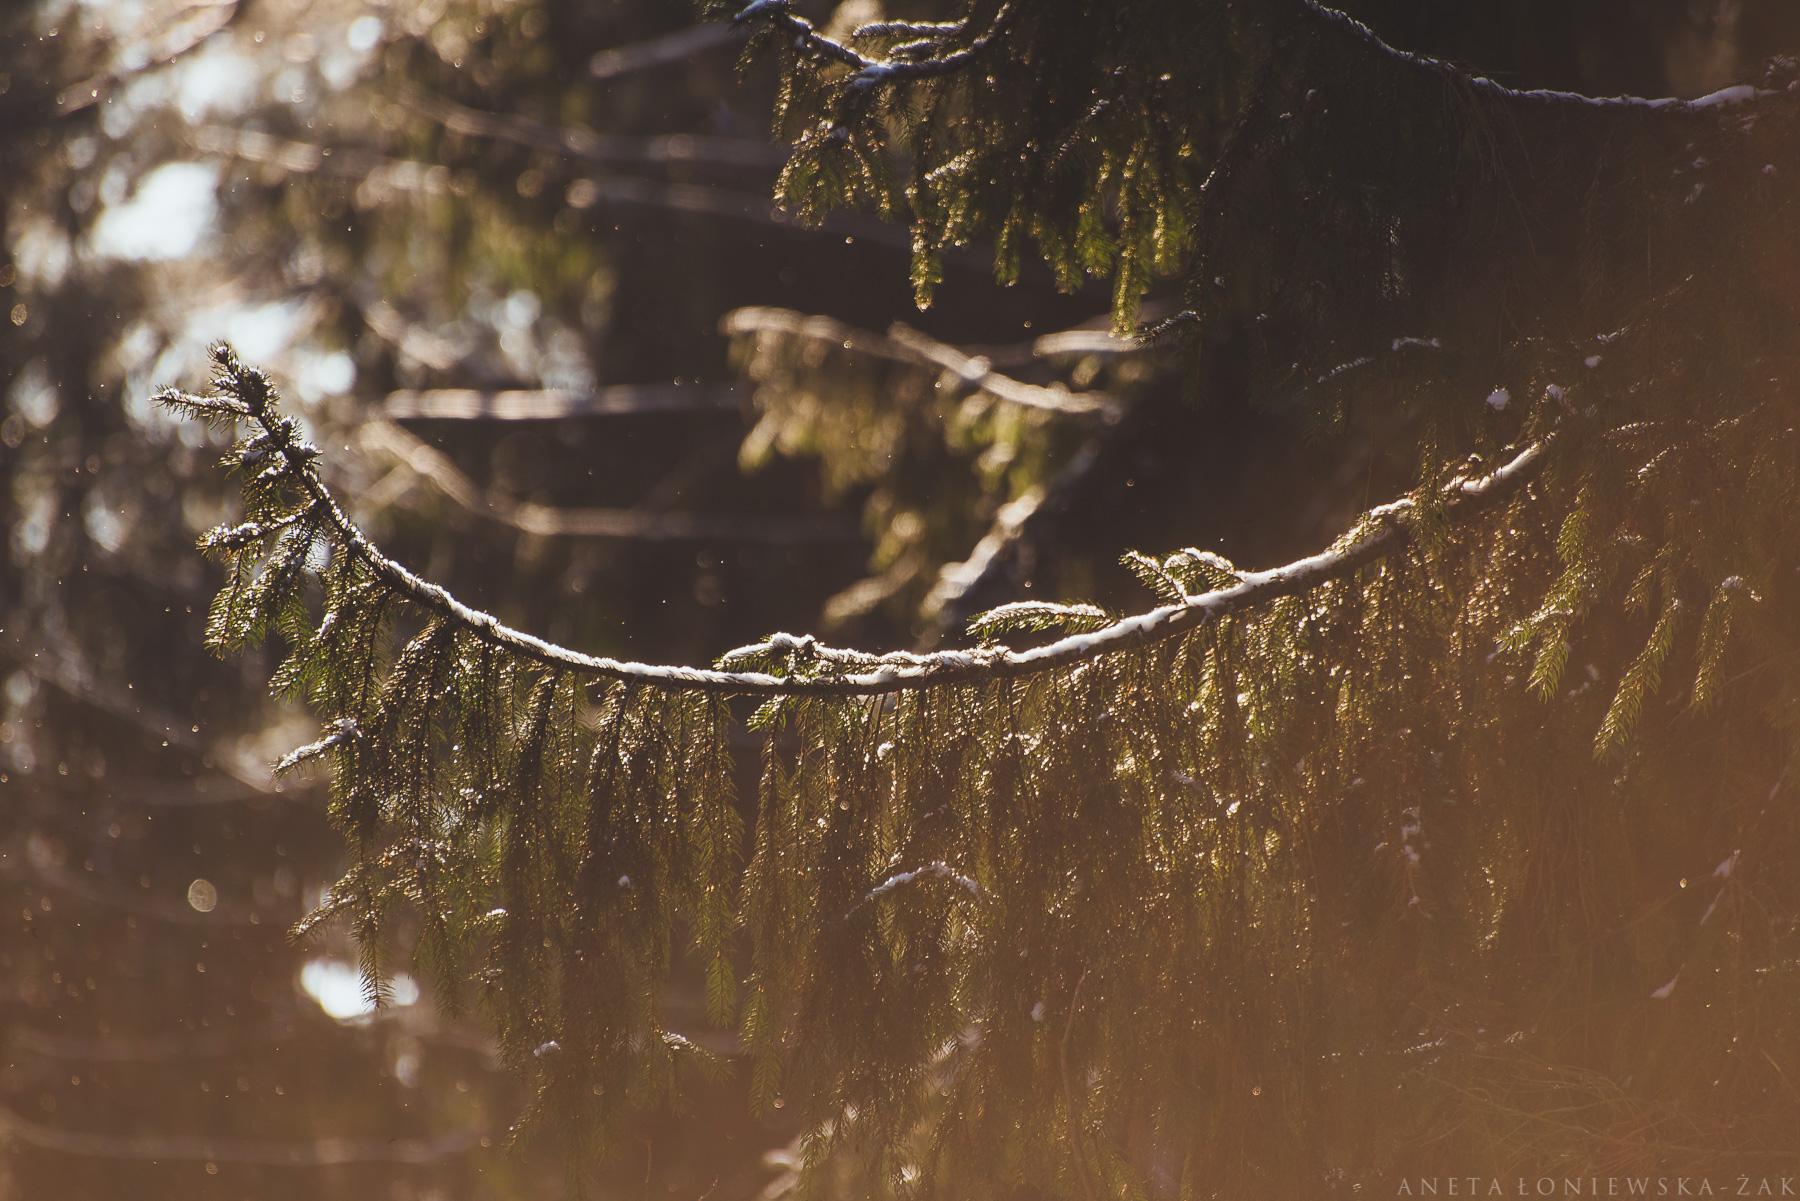 puszcza knyszyńska, dzikie podlasie, aneta łoniewska-żak